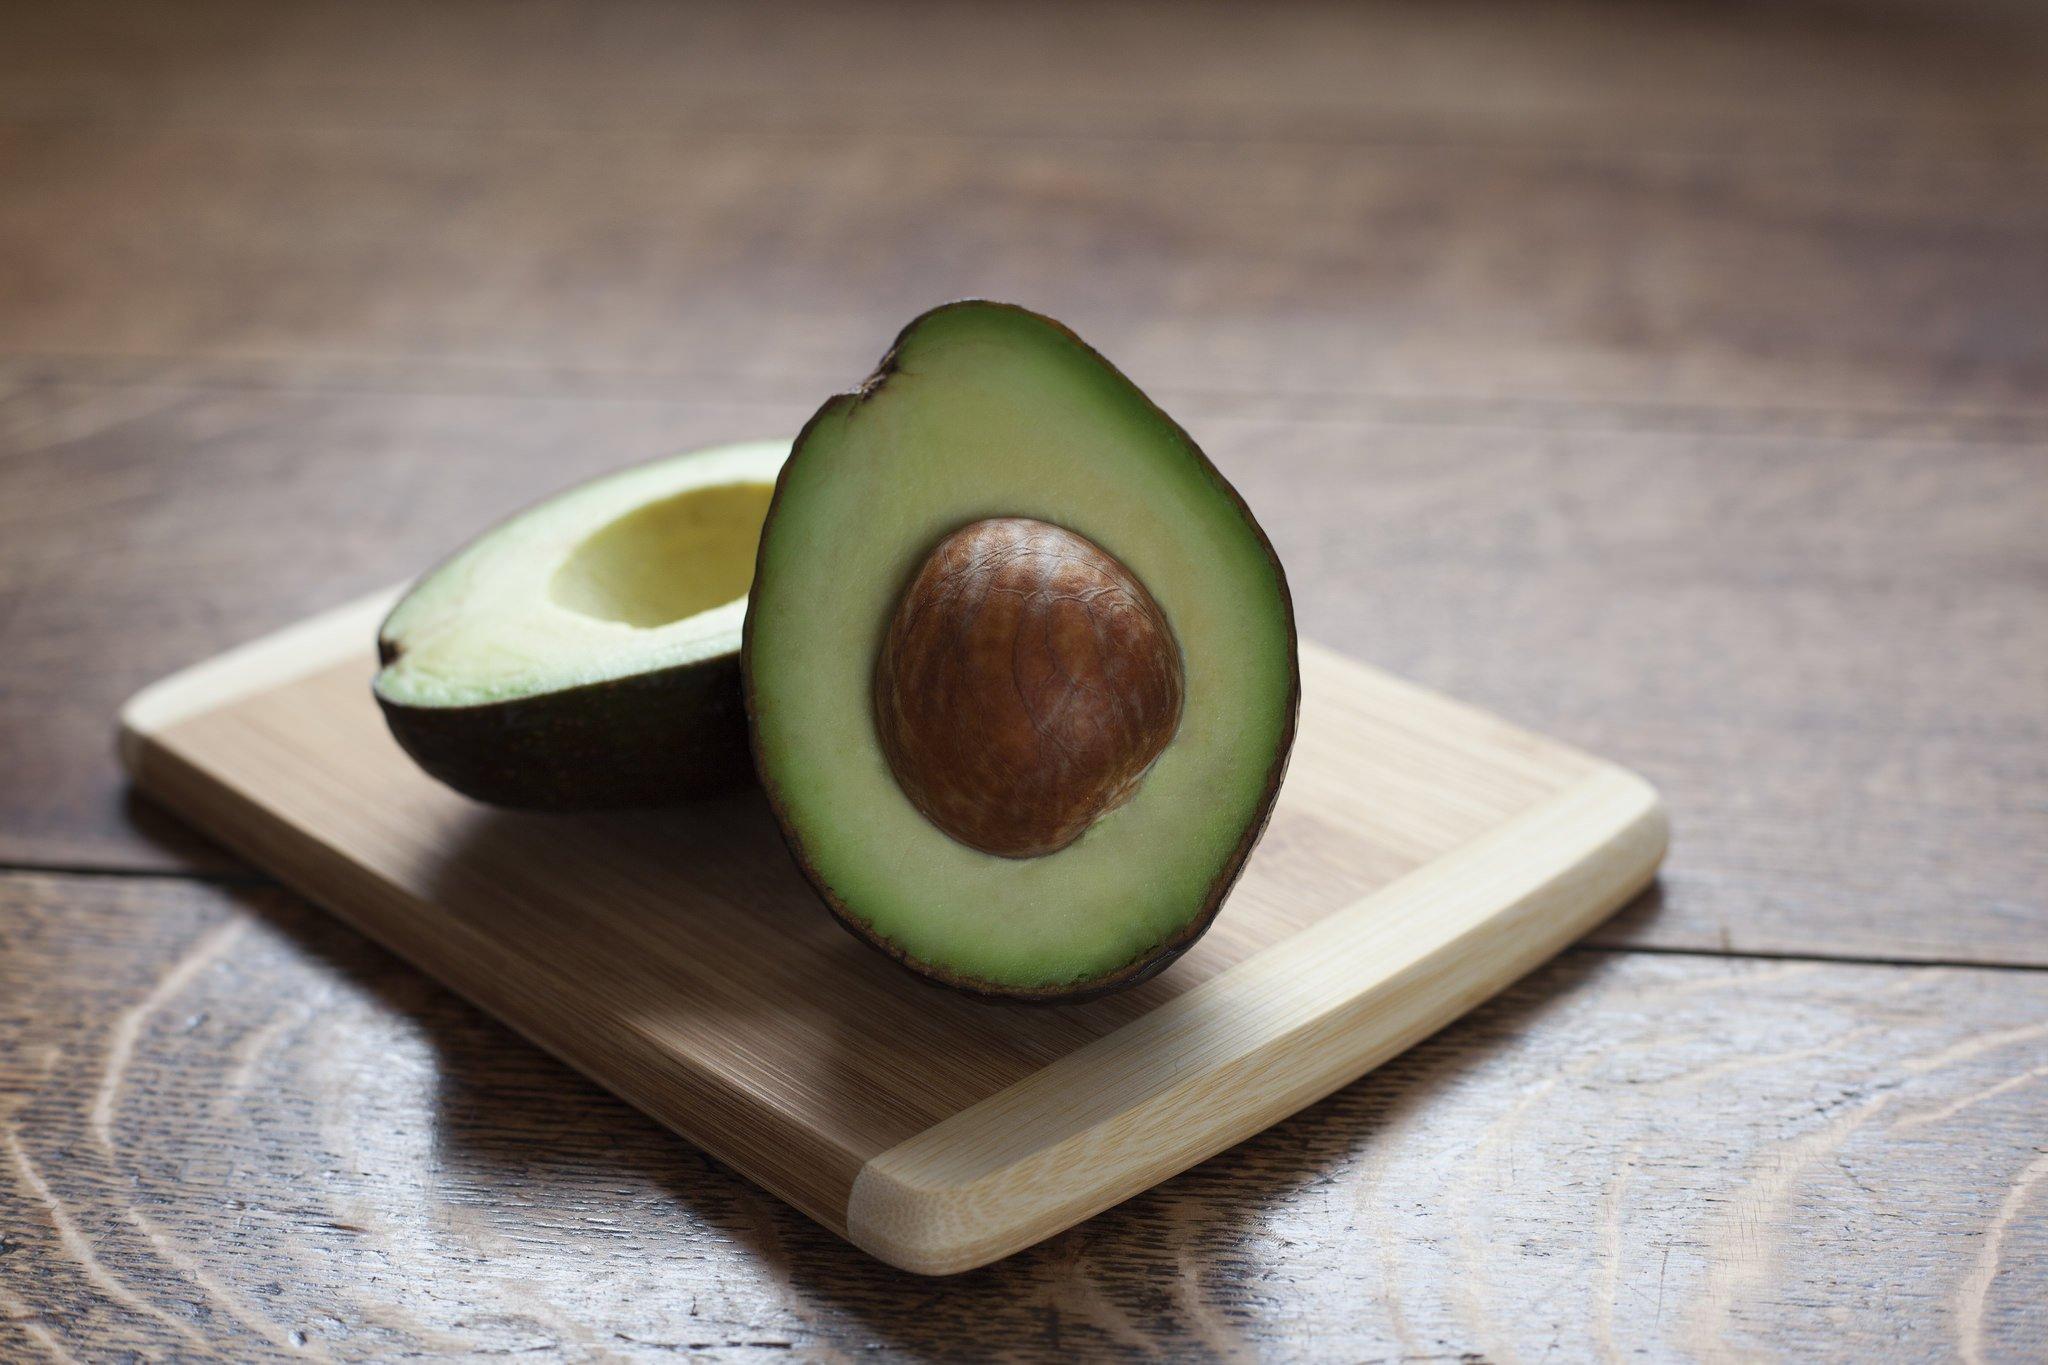 29215779510 6fe096ab24 z 1.jpg?resize=1200,630 - 9 motivos sensacionais para você começar a comer abacate